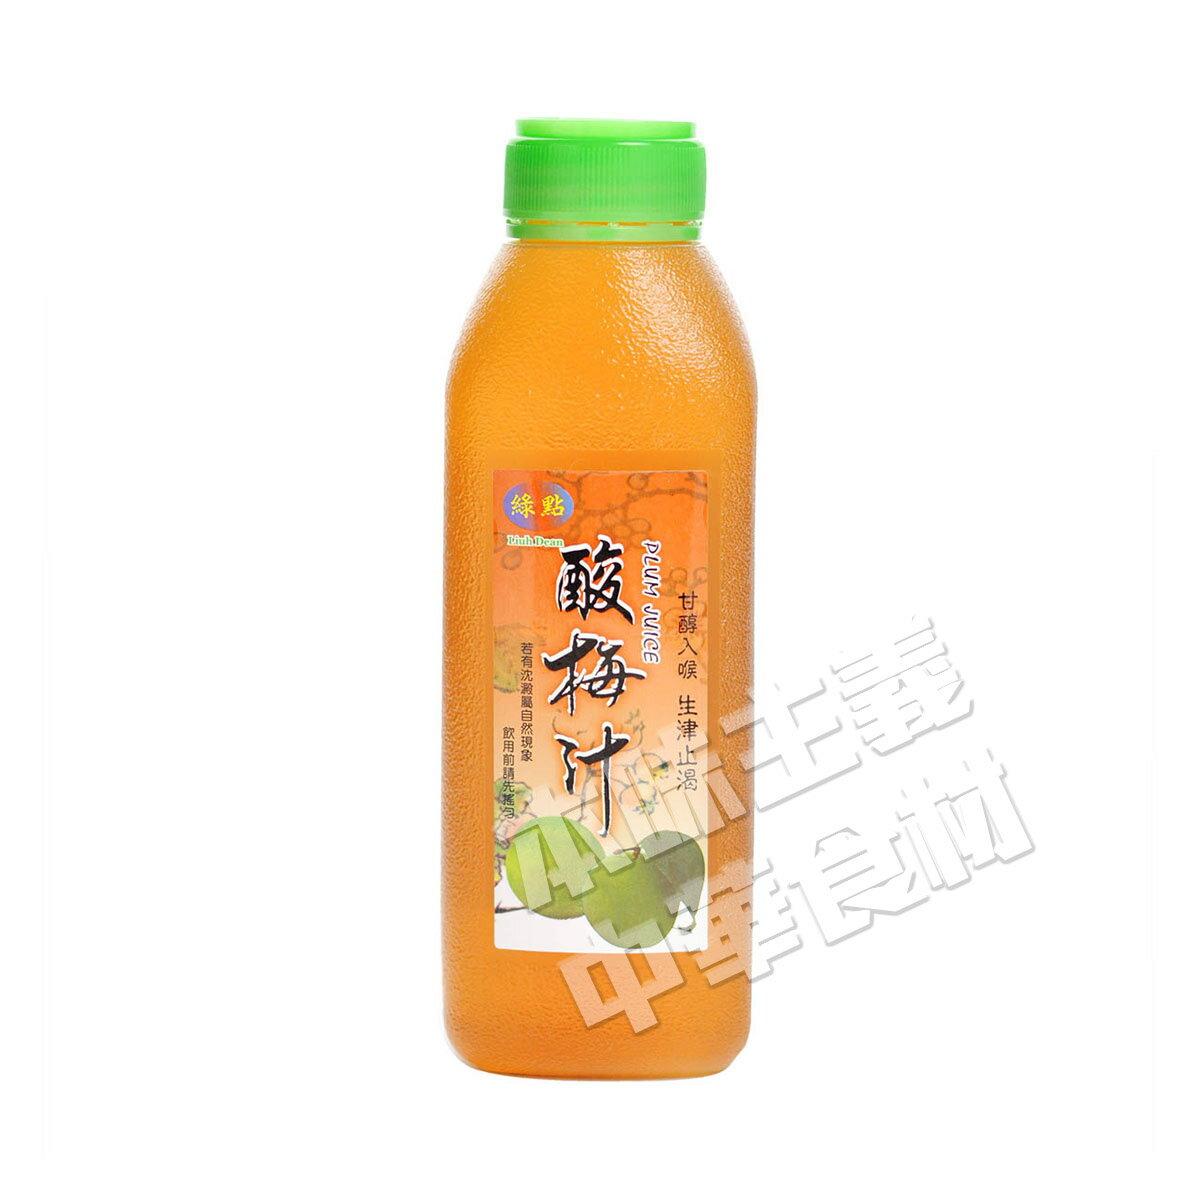 緑点清涼酸梅汁・酸梅湯避暑果汁飲料(うめジュース・梅果汁)台湾人気商品・夏定番・お土産